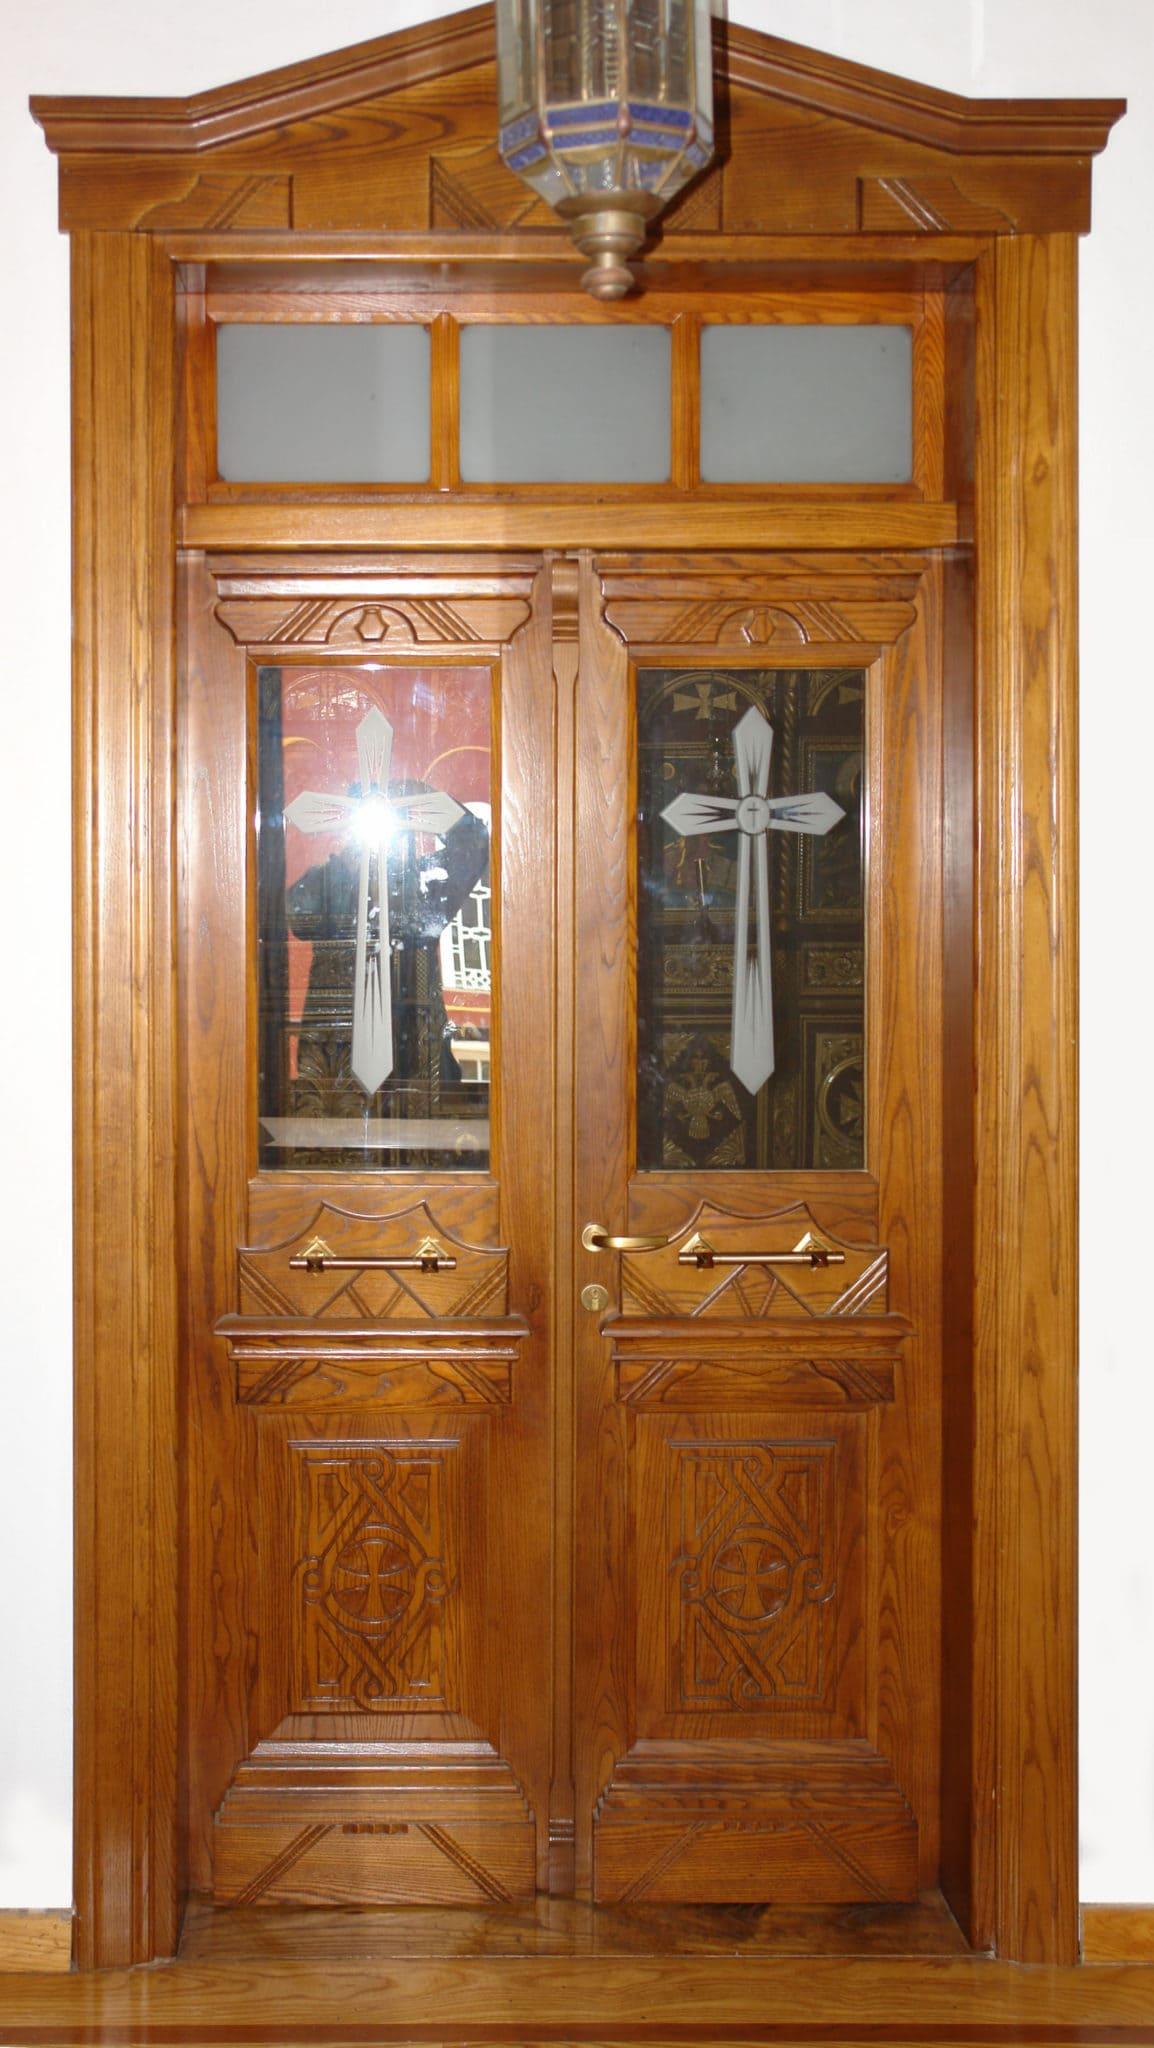 εκκλησιαστική πόρτα με φεγγίτη και αέτωμα